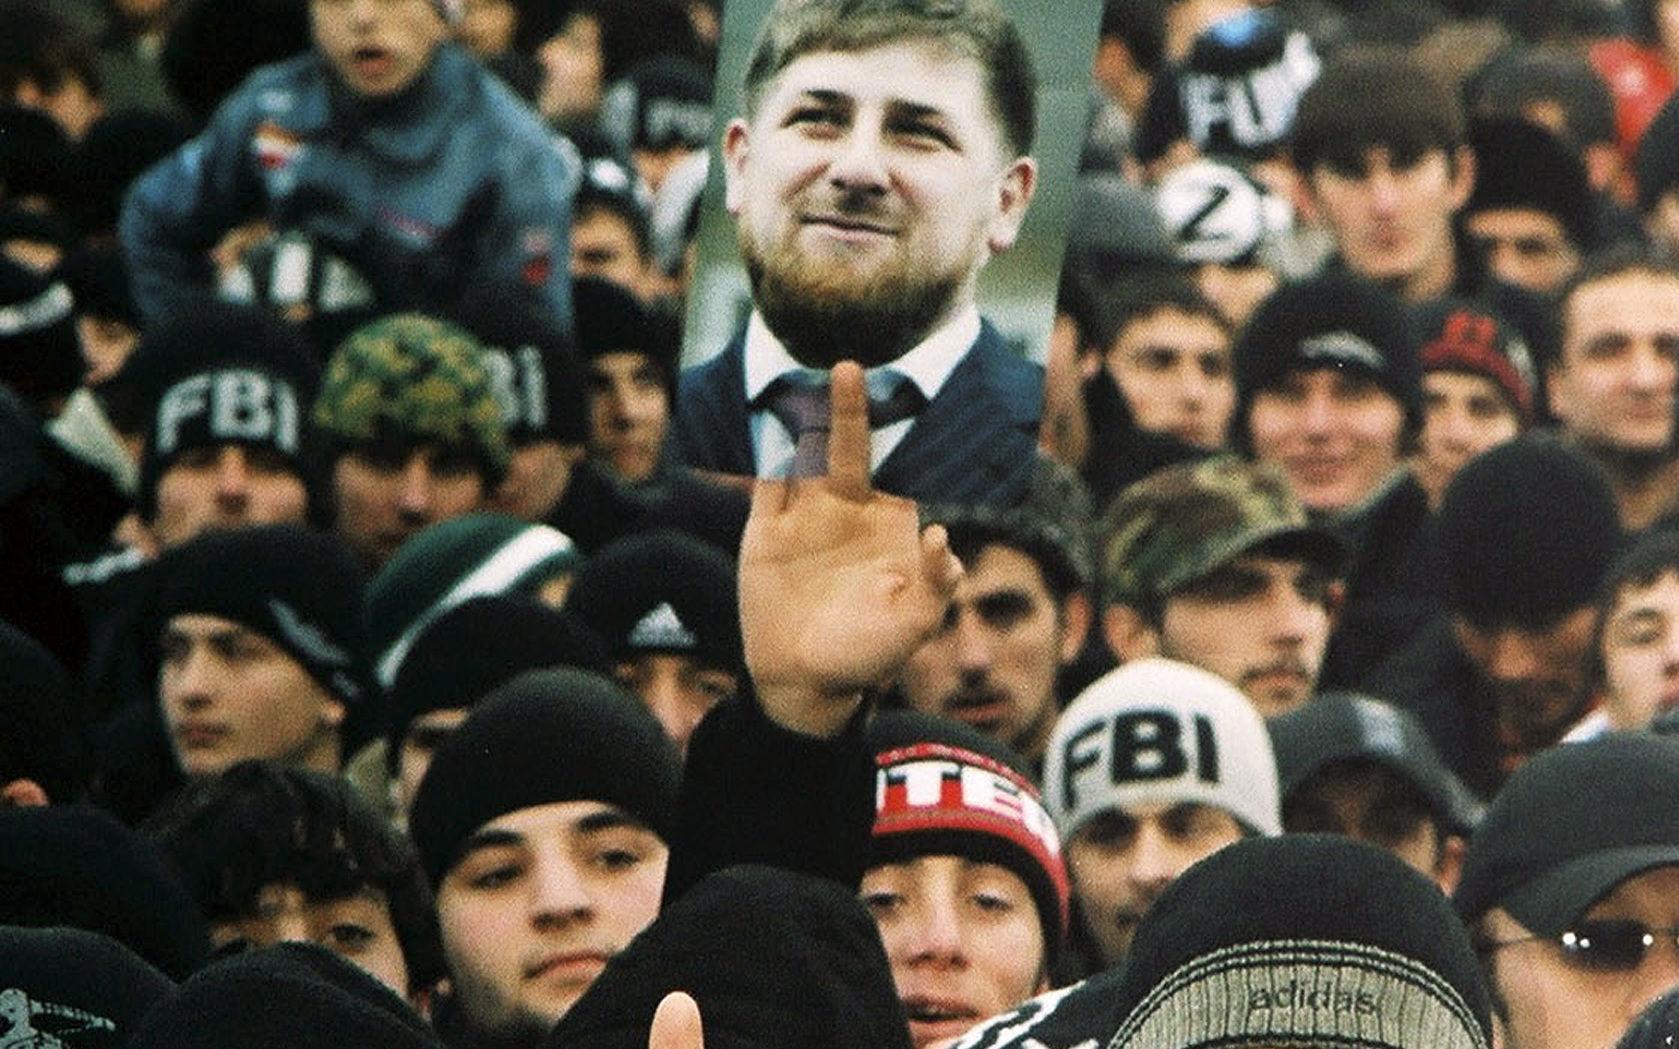 Bildergebnis für Люди из окружения Кадырова стали его представителями в районах Чечни